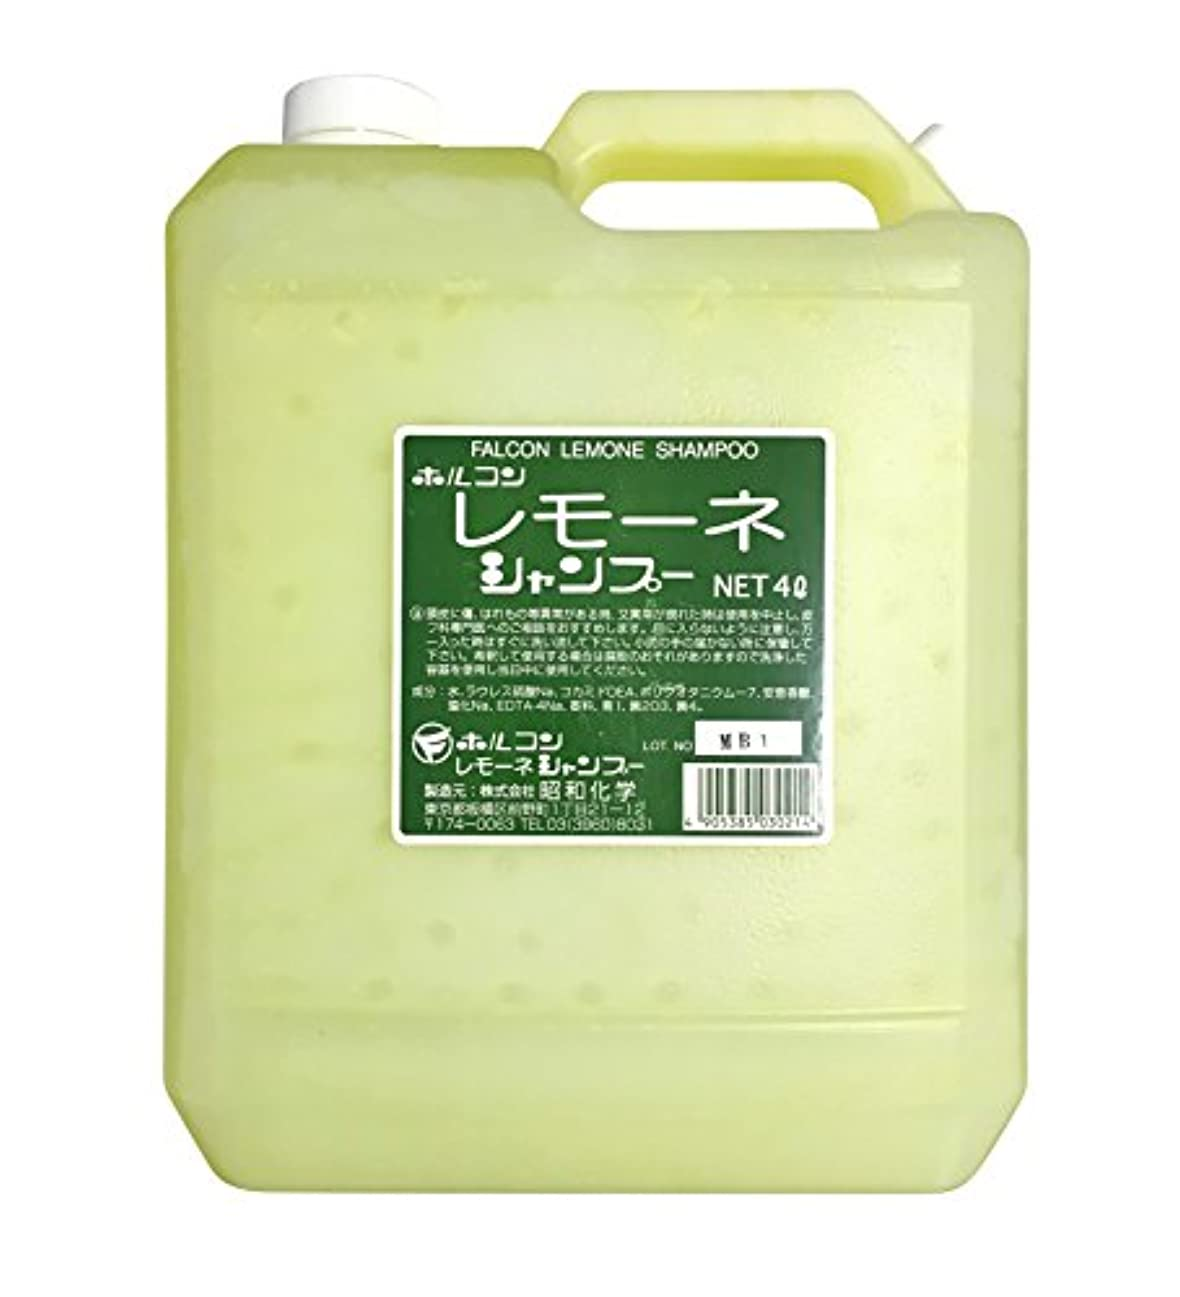 マスク属する海嶺昭和化学 ホルコン レモーネシャンプー 4000ml